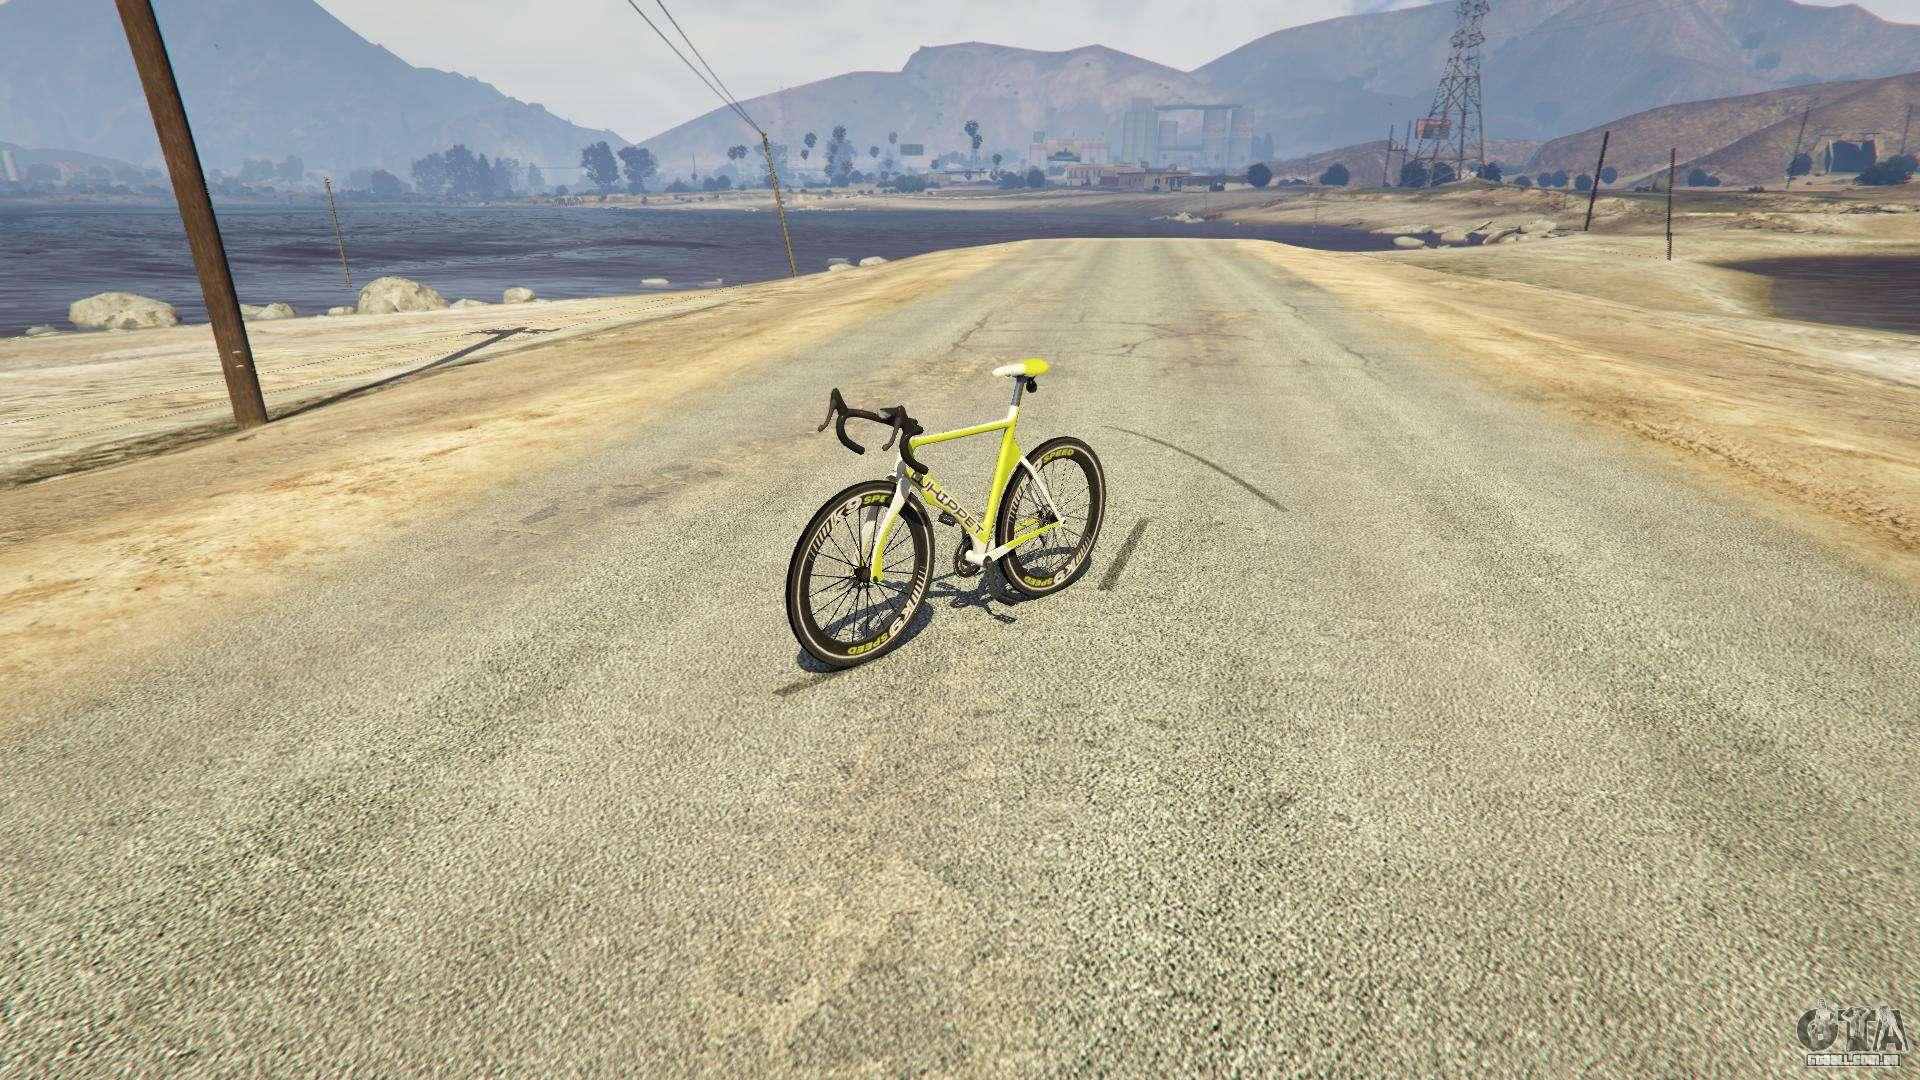 Whippet Race Bike do GTA 5